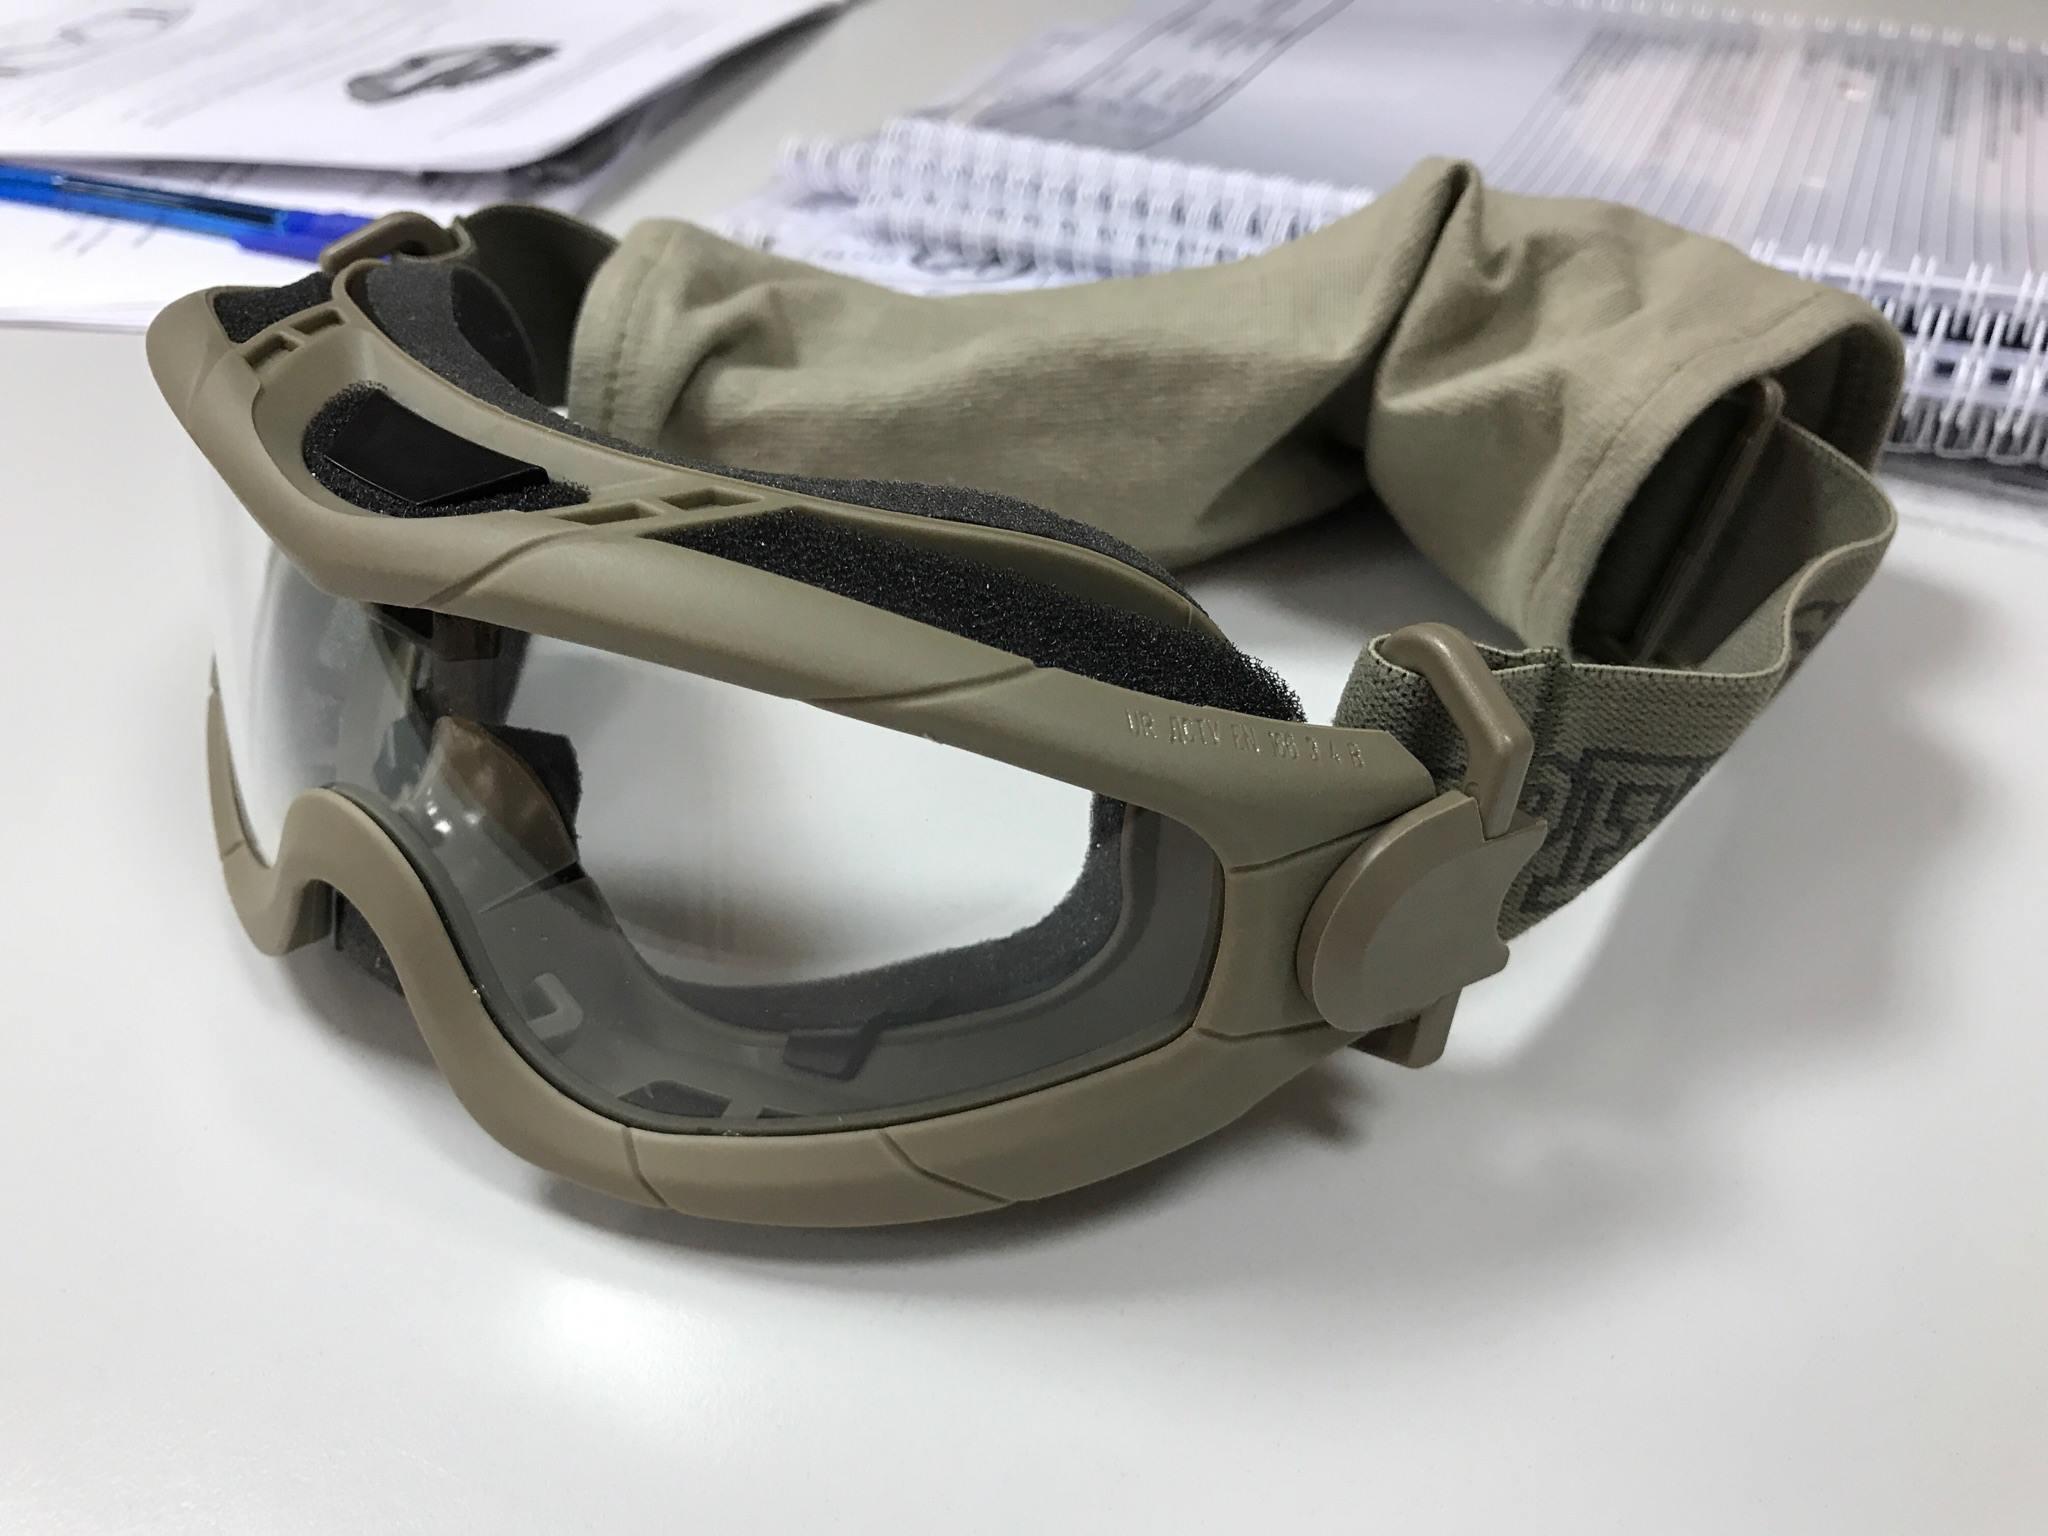 Міністерство оборони отримано першу партію балістичних масок.